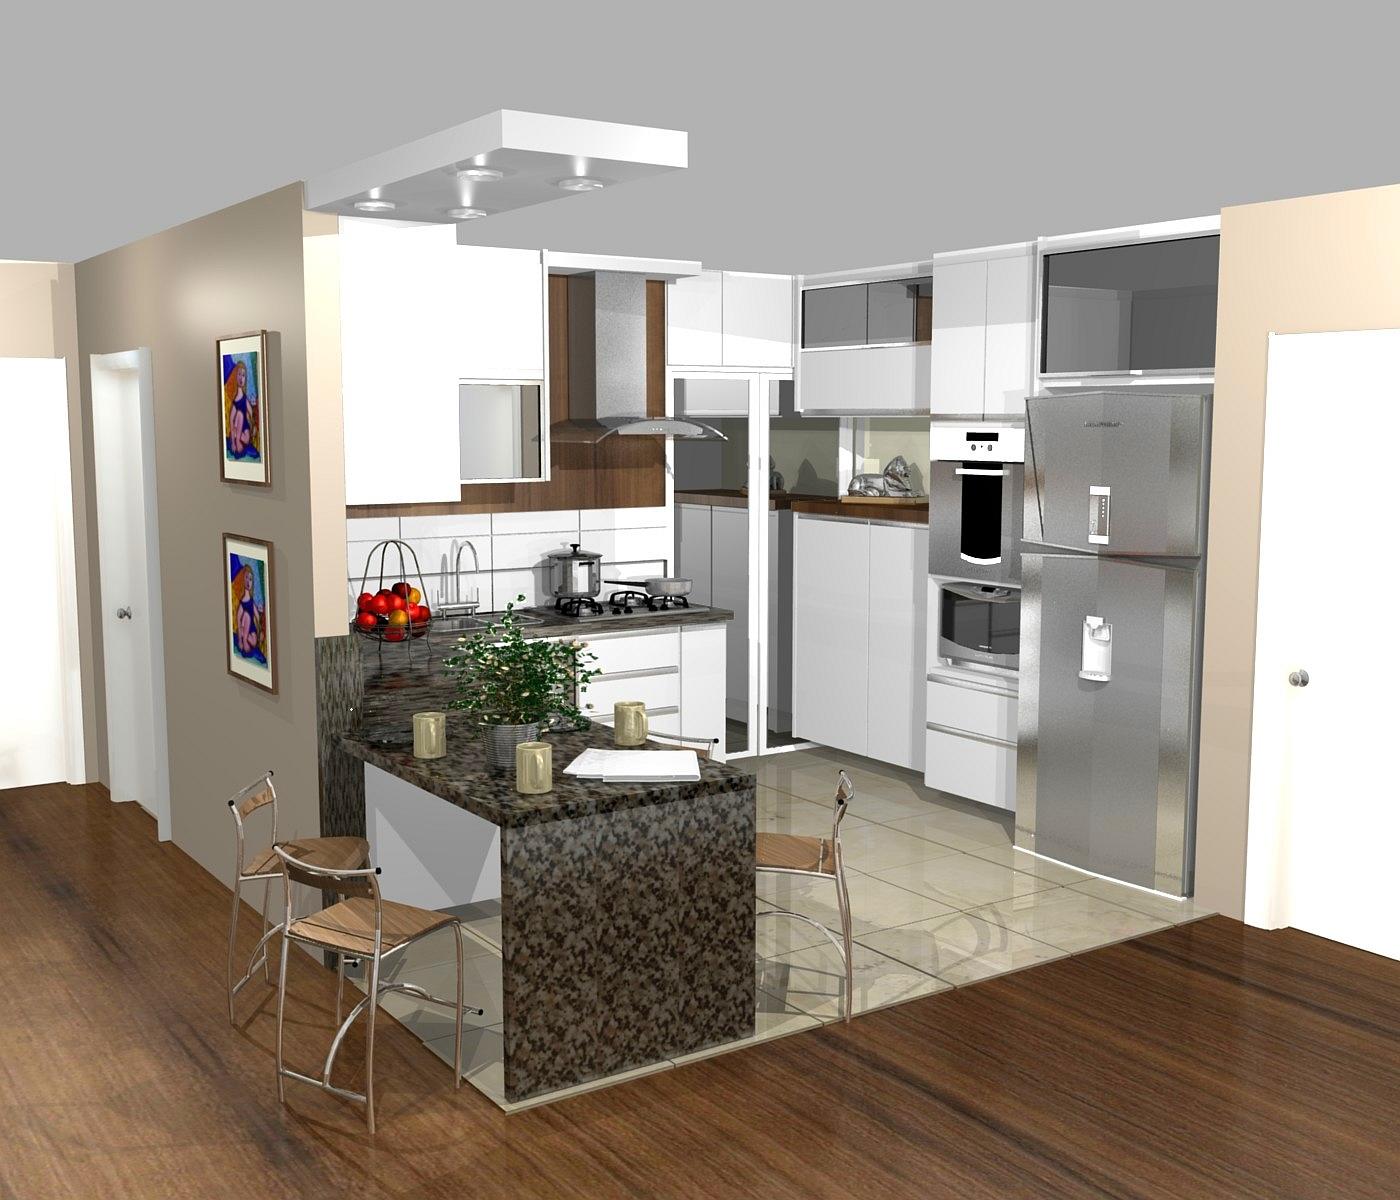 Cozinha Americana Planejada Pequena Cozinha Pequena Americana